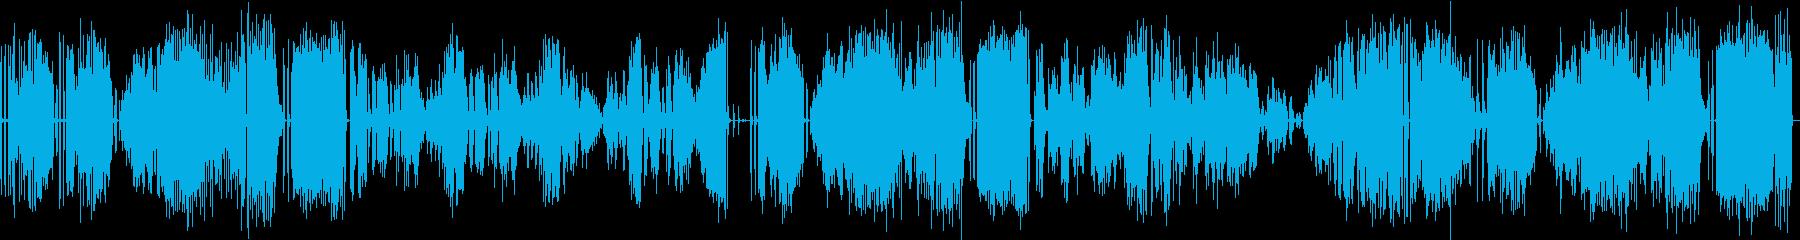 グランドピアノで演奏したクラシック曲の再生済みの波形